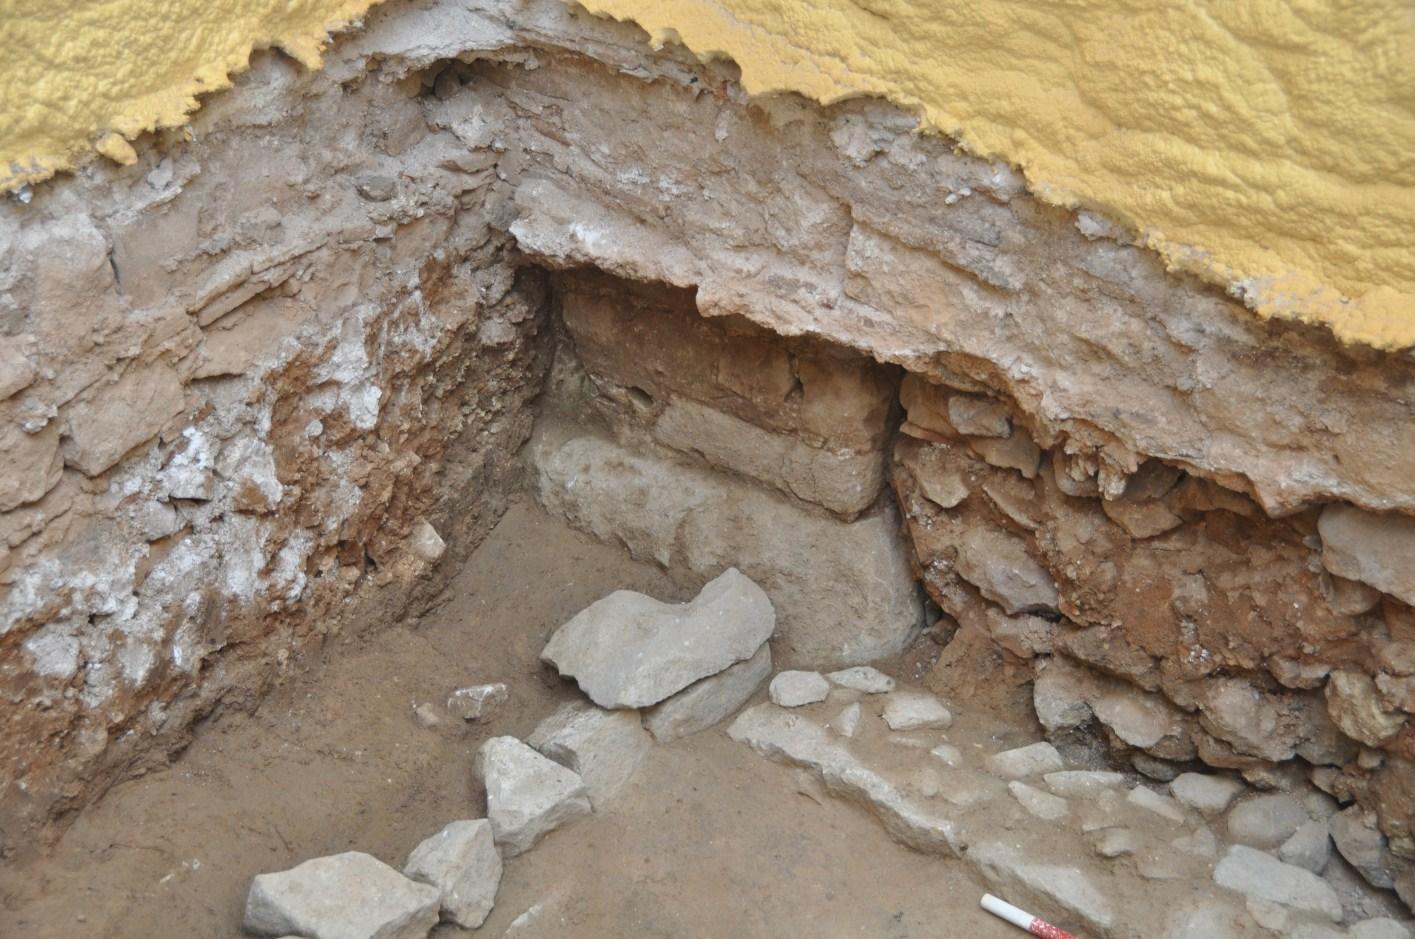 Vista de detall de la base i el pilar de l'aqüeducte, integrat dins de la paret mitgera de totes dues finques. Intervenció del carrer de les Magdalenes. Foto: SABCN